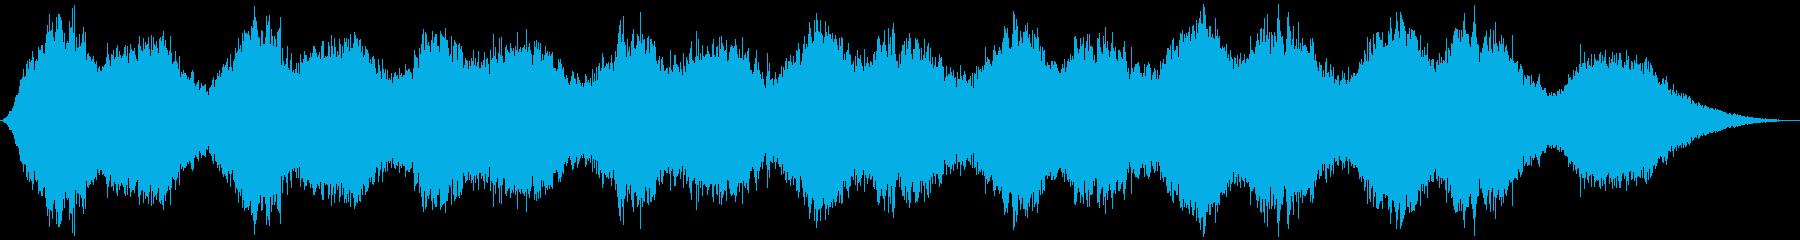 浮遊感のある不思議なアンビエントの再生済みの波形